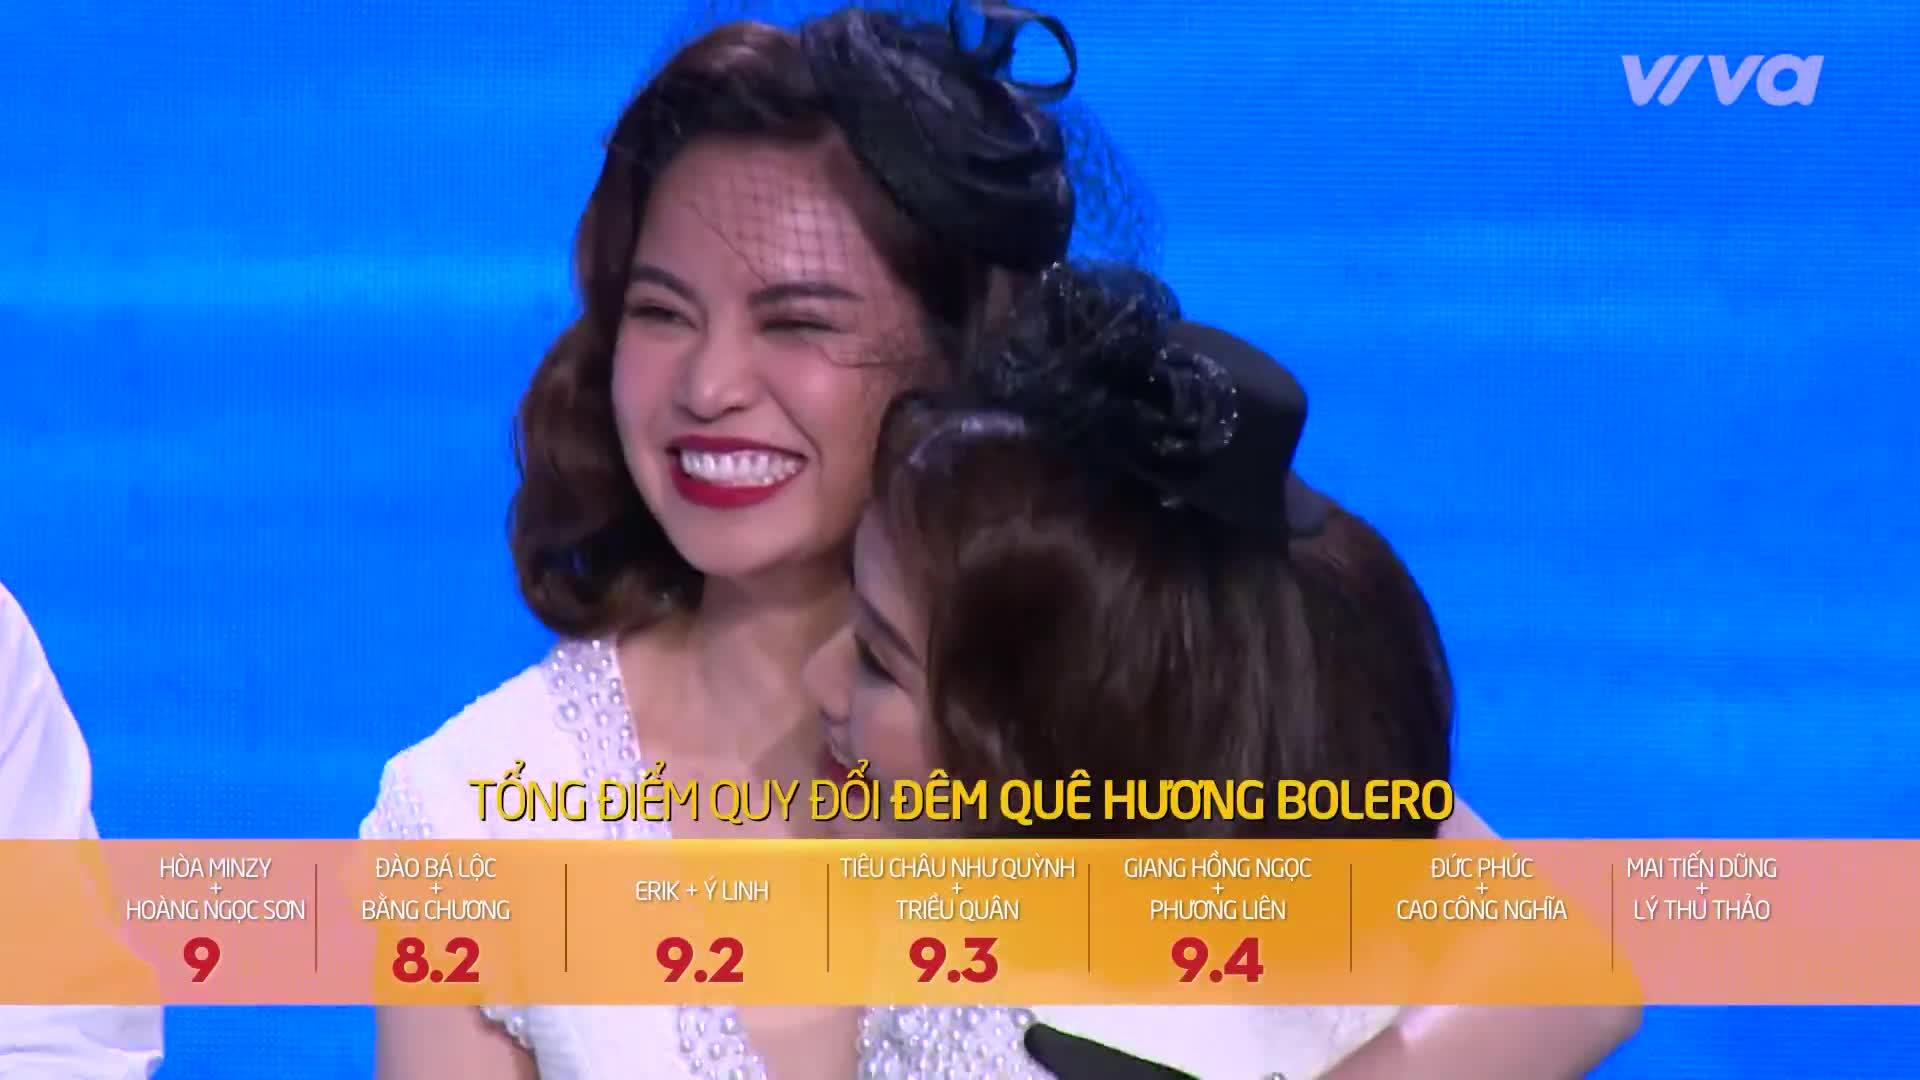 Mẹ Giang Hồng Ngọc thức trắng một tuần may áo cho Phương Liên thi Cặp đôi Hoàn Hảo